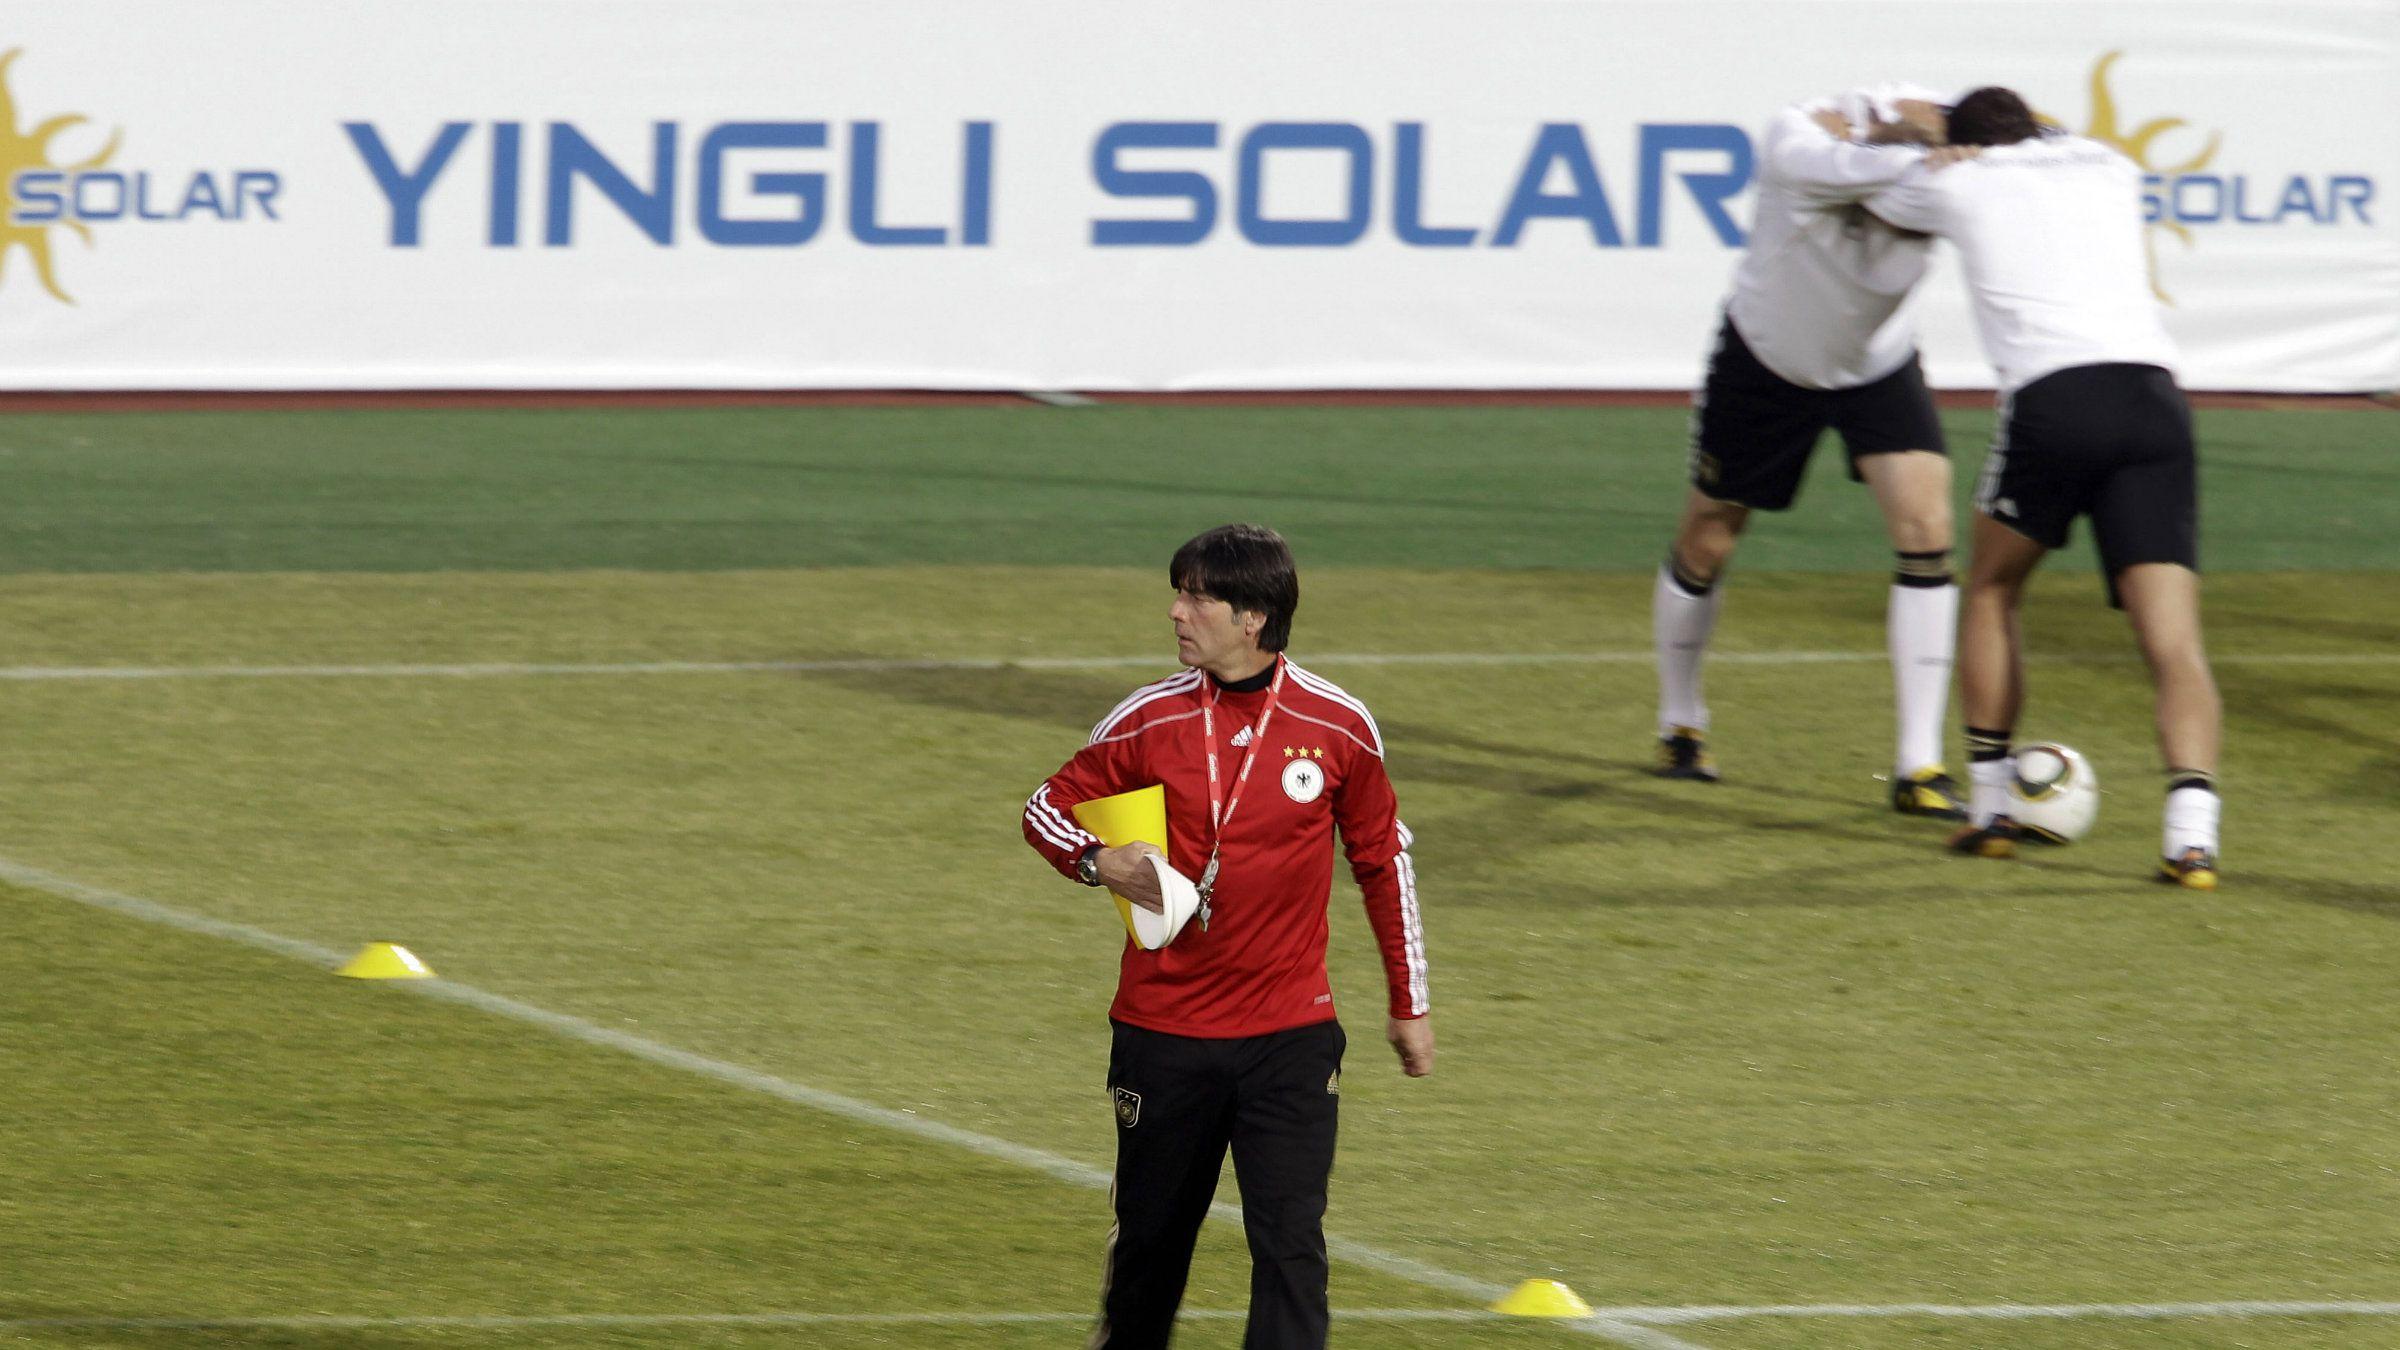 Yingli-Solar-Football